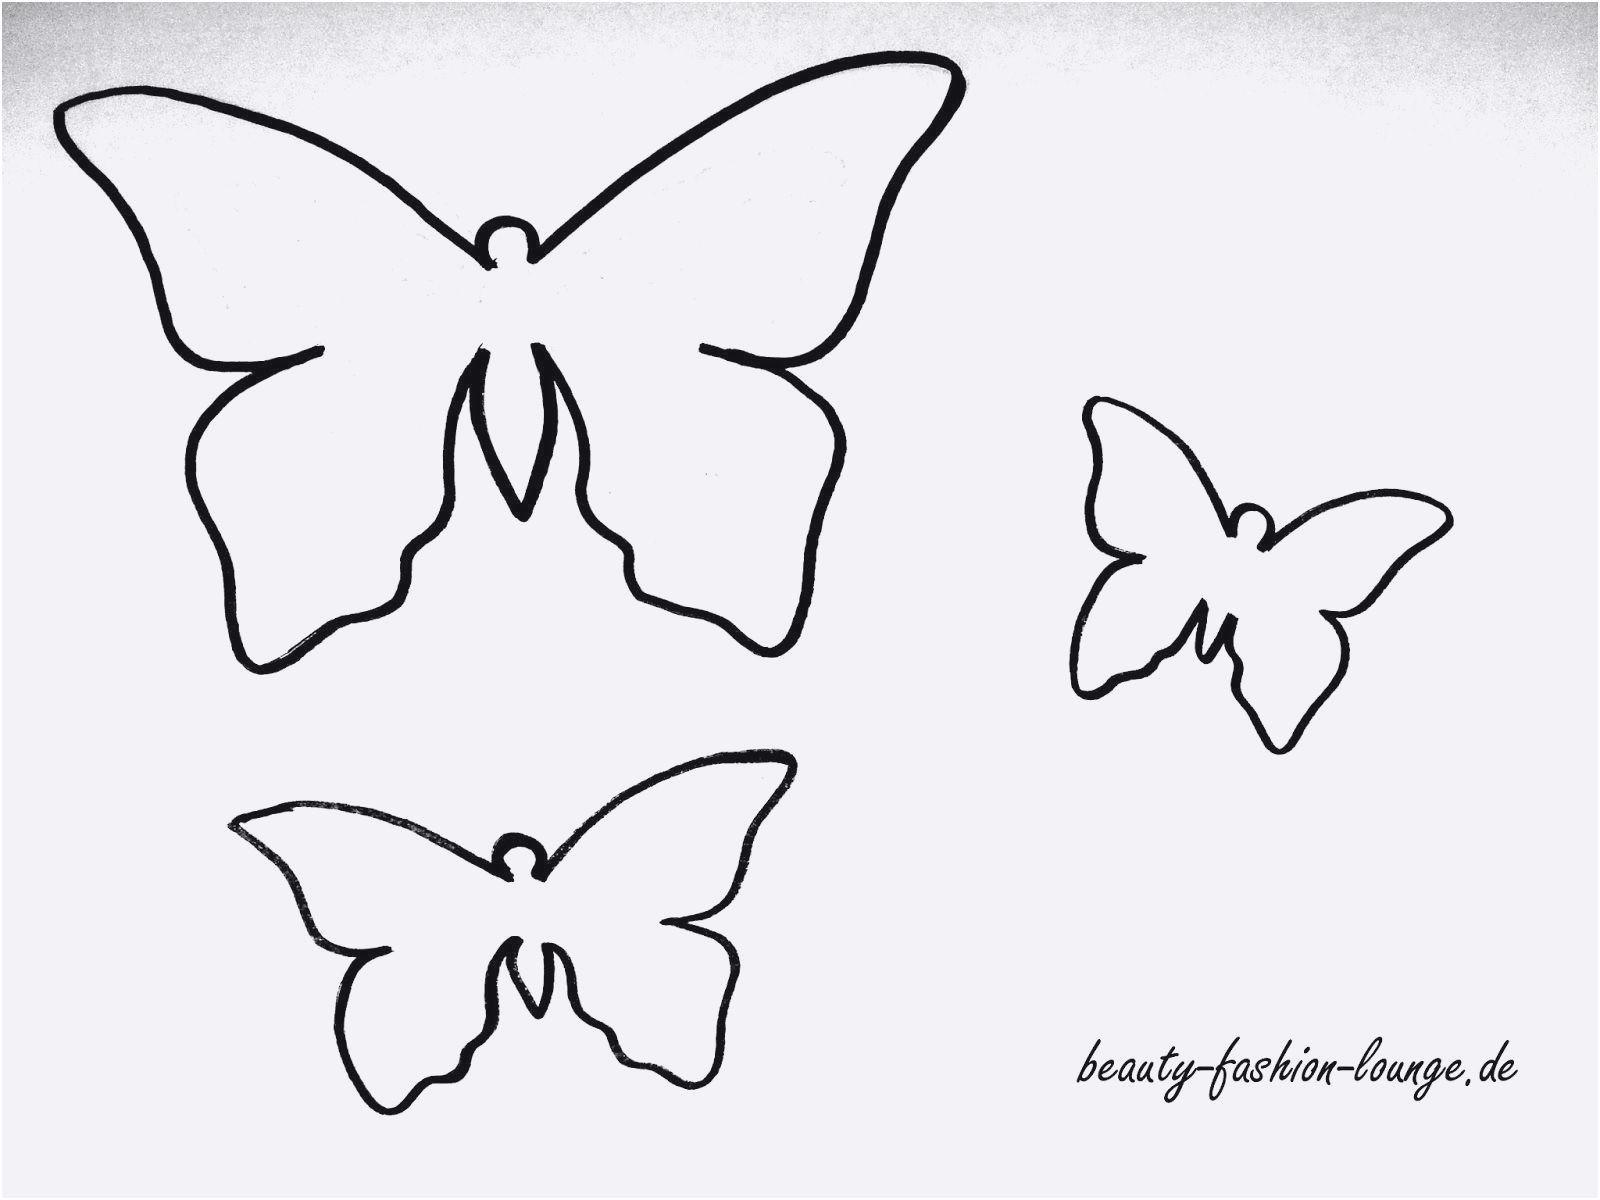 Schmetterling Bilder Zum Ausmalen Inspirierend Schmetterling Vorlage Neu Schmetterlinge Ausmalbilder Das Bild